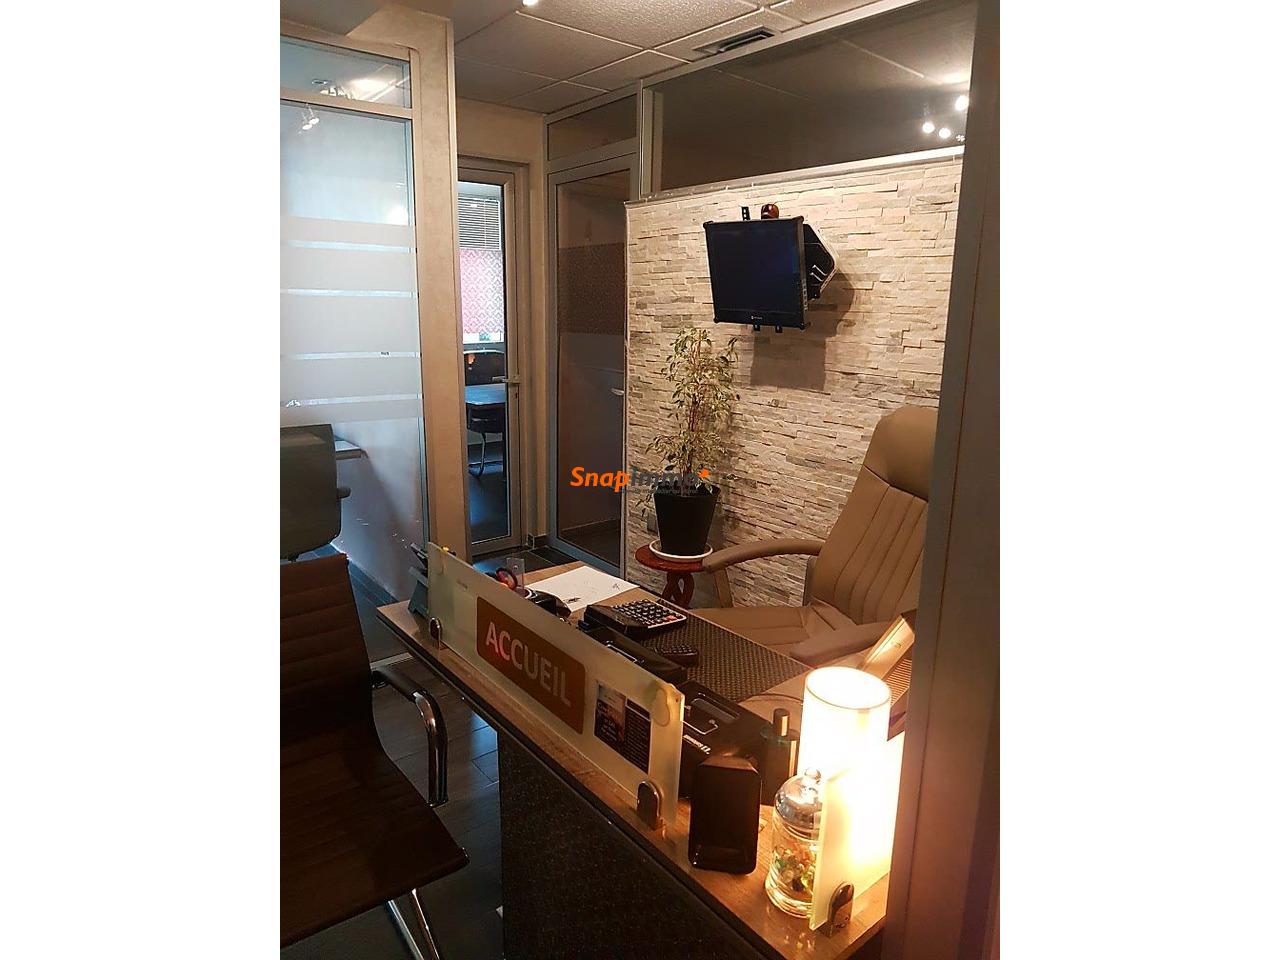 bureau premium de 6 m2 meublé équipé - 3/4